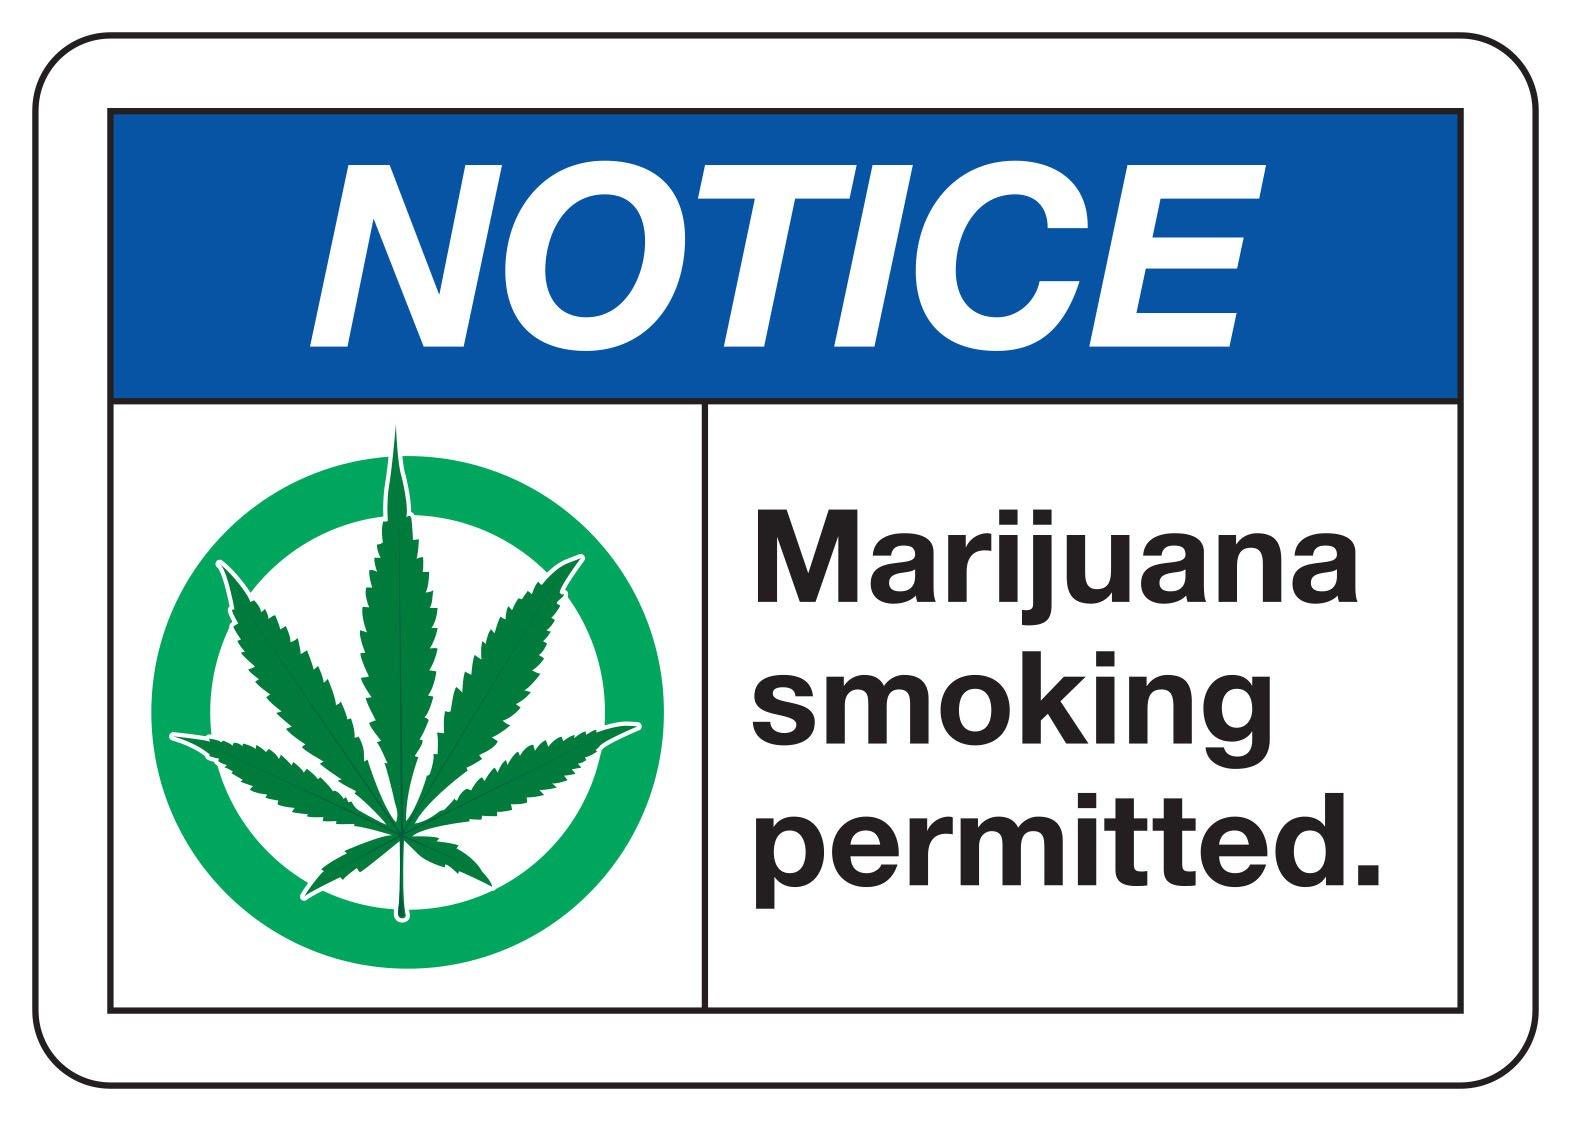 Marijuana Smoking Permitted - Notice Signs